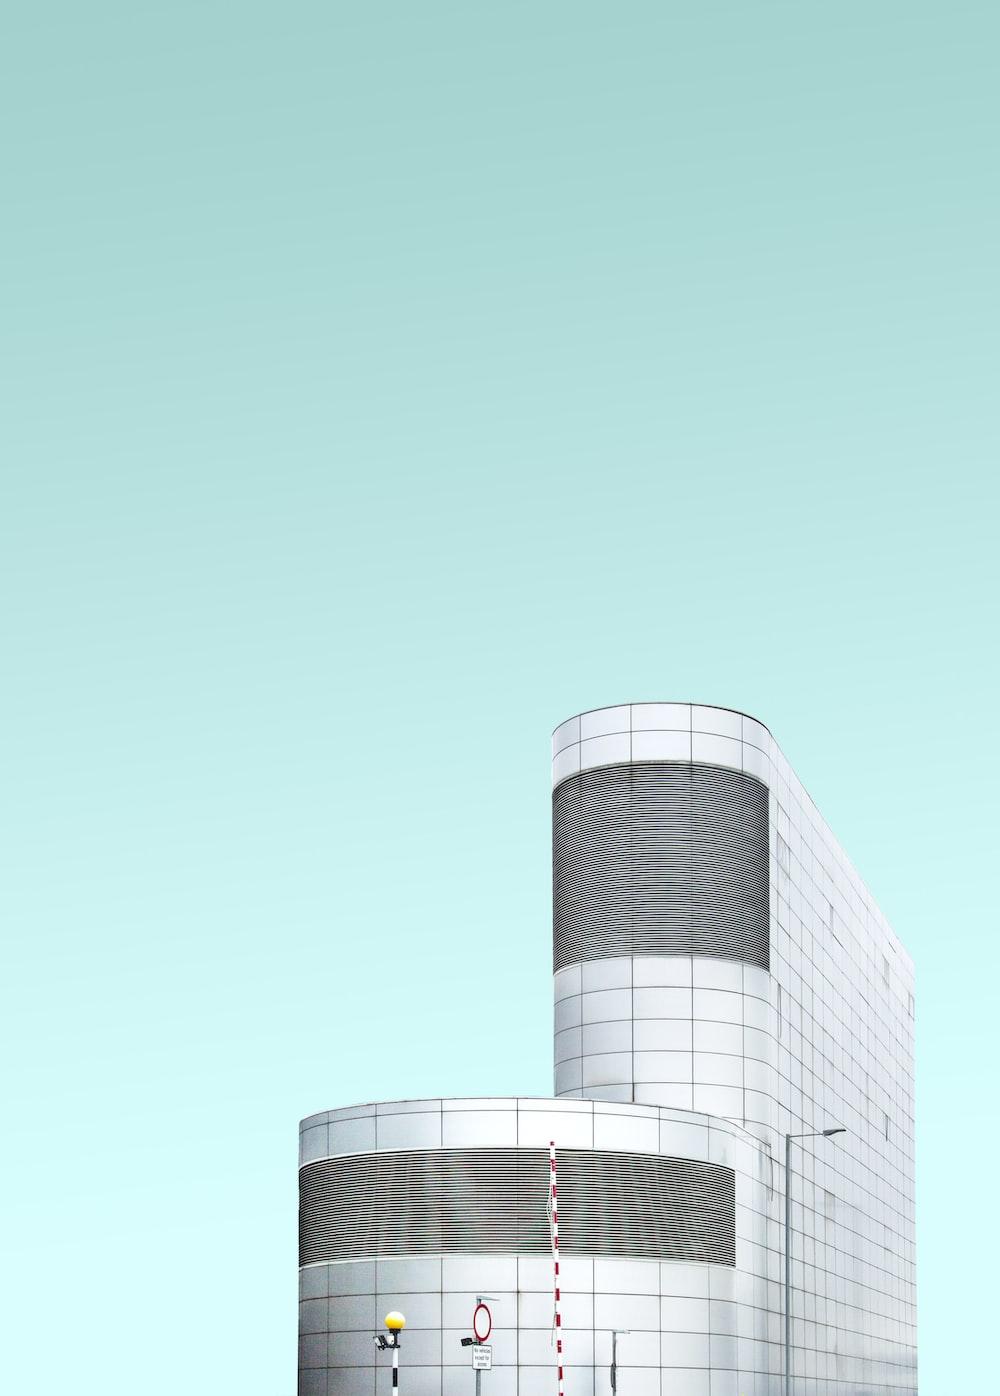 closeup photography of building